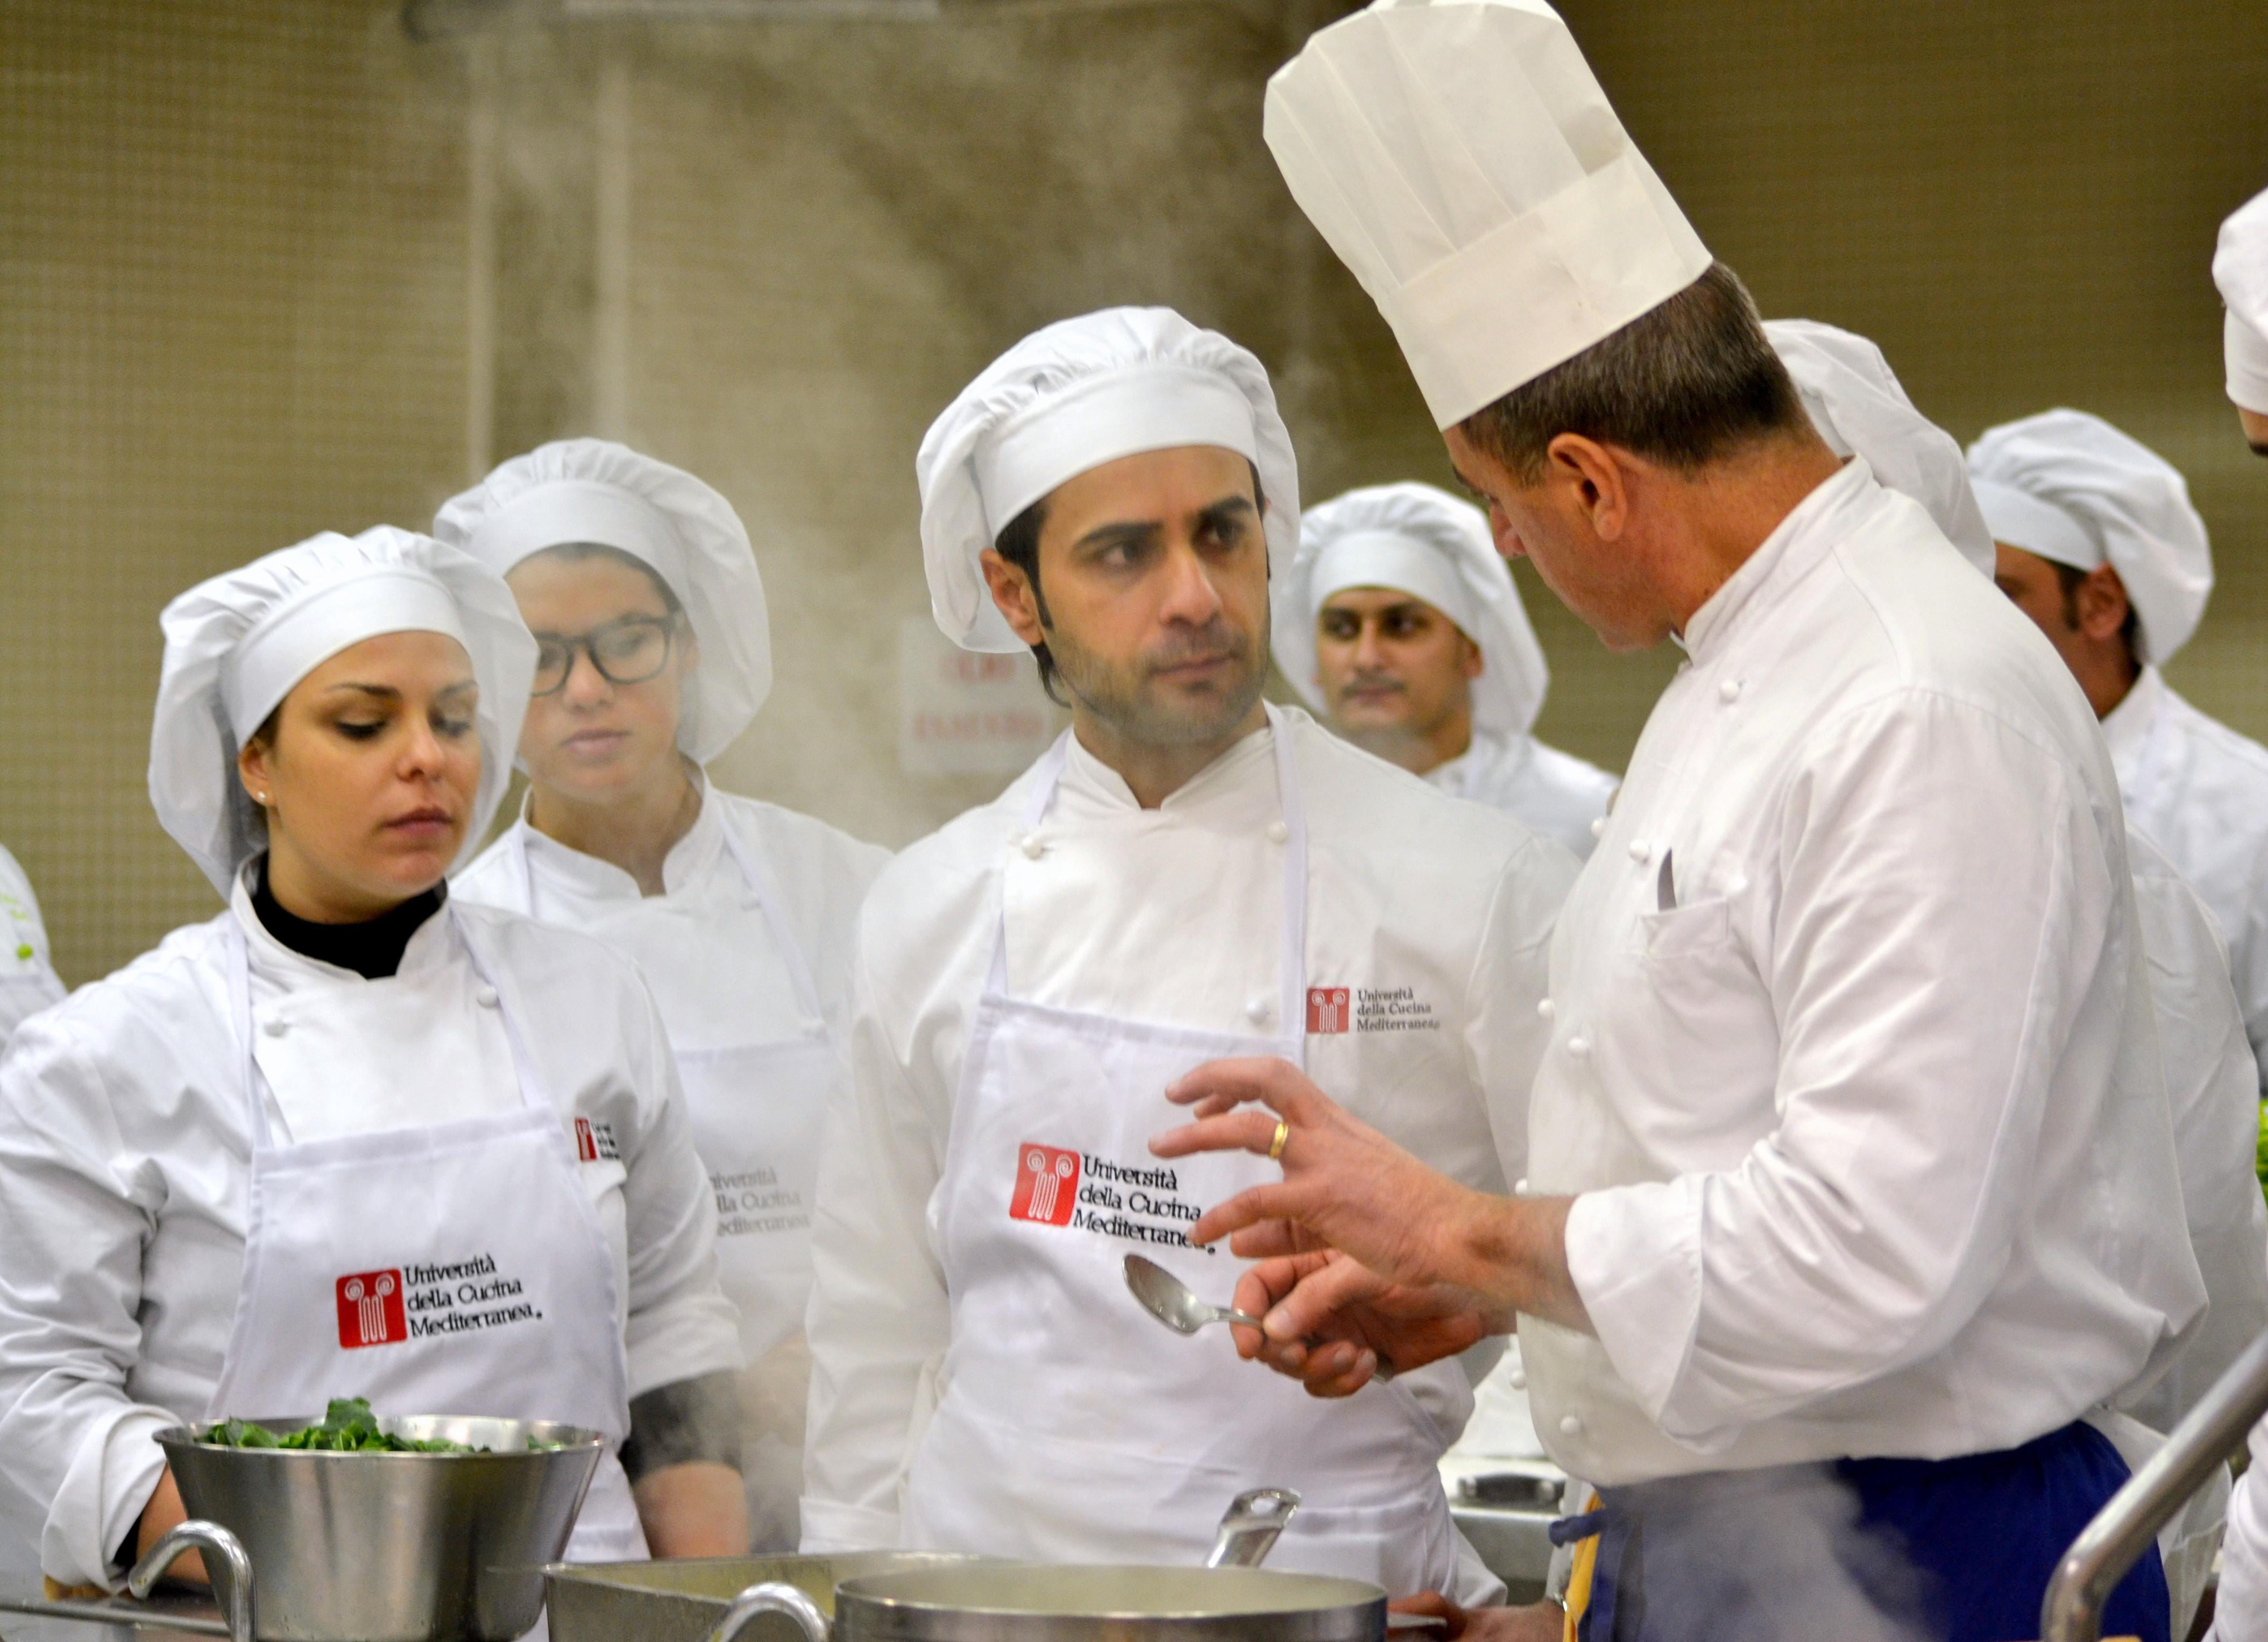 Corso di professione cuoco università della cucina mediterranea